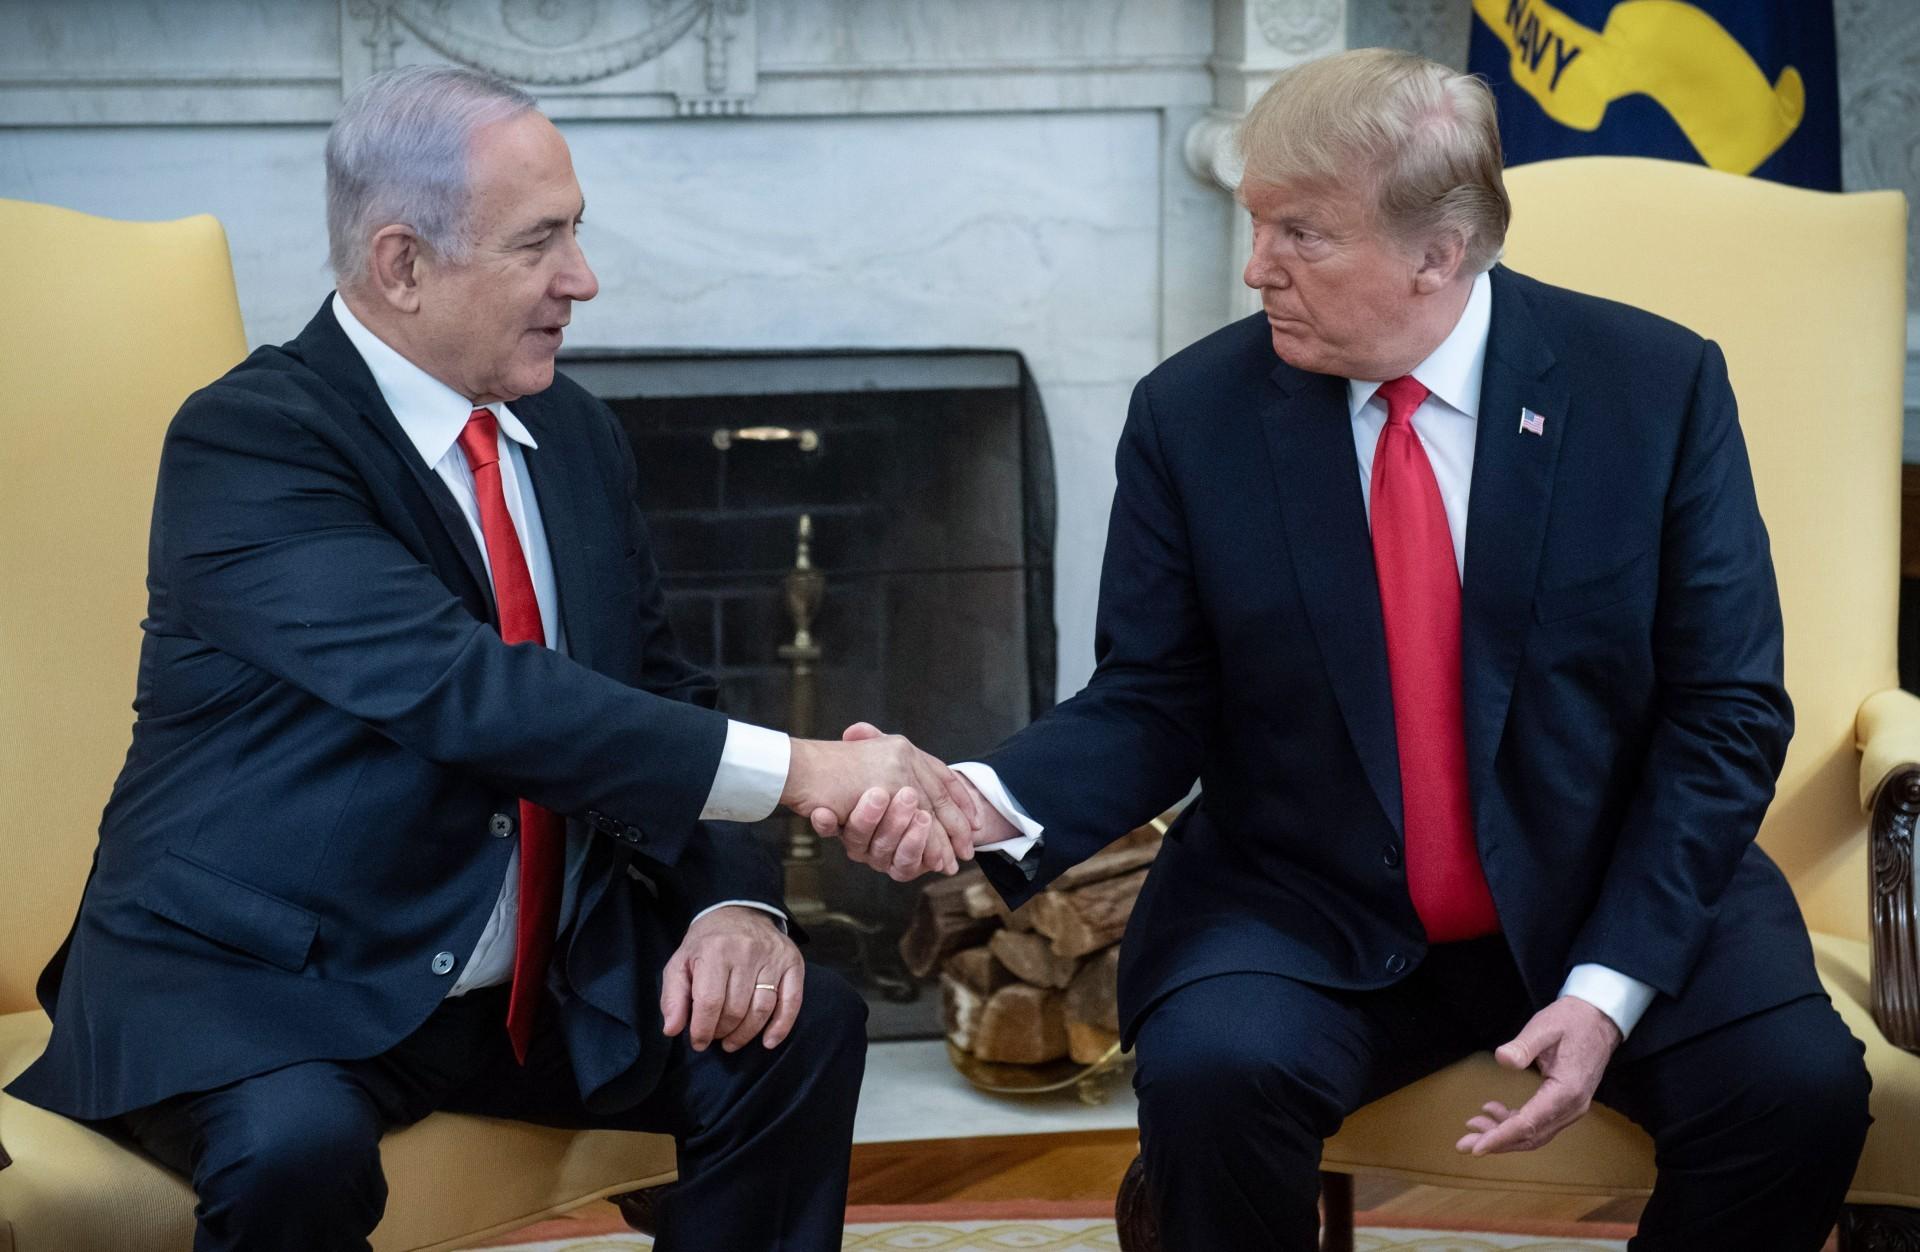 El saludo entre ambos mandatarios en la Casa Blanca el pasado 25 de marzo (SAUL LOEB / AFP)